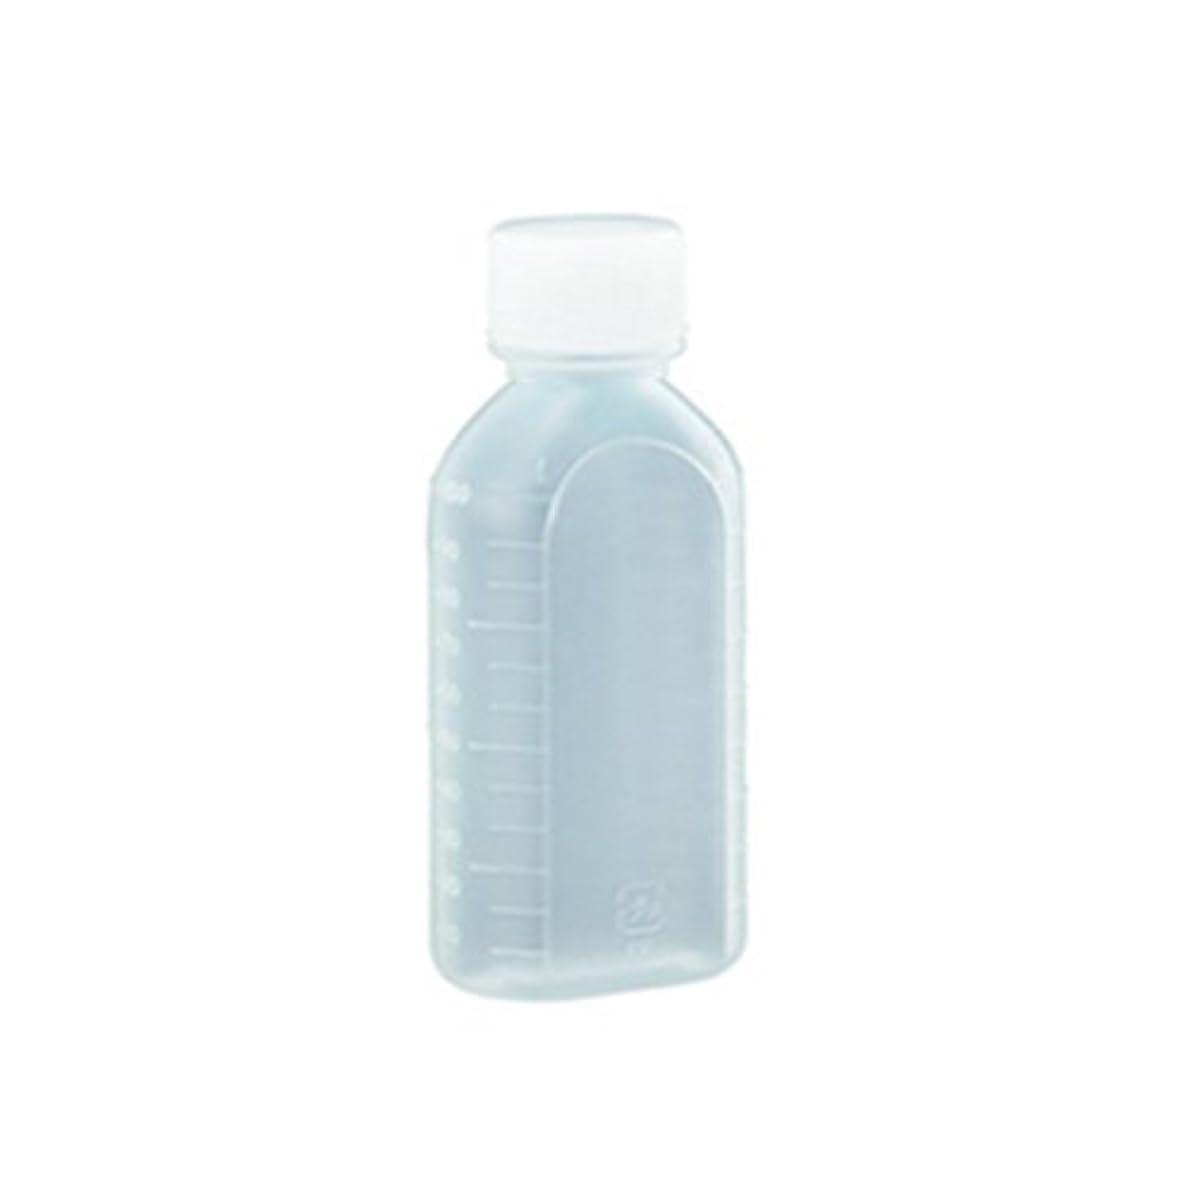 採用イヤホンイヤホンB型投薬瓶 白 (60ml) 1本